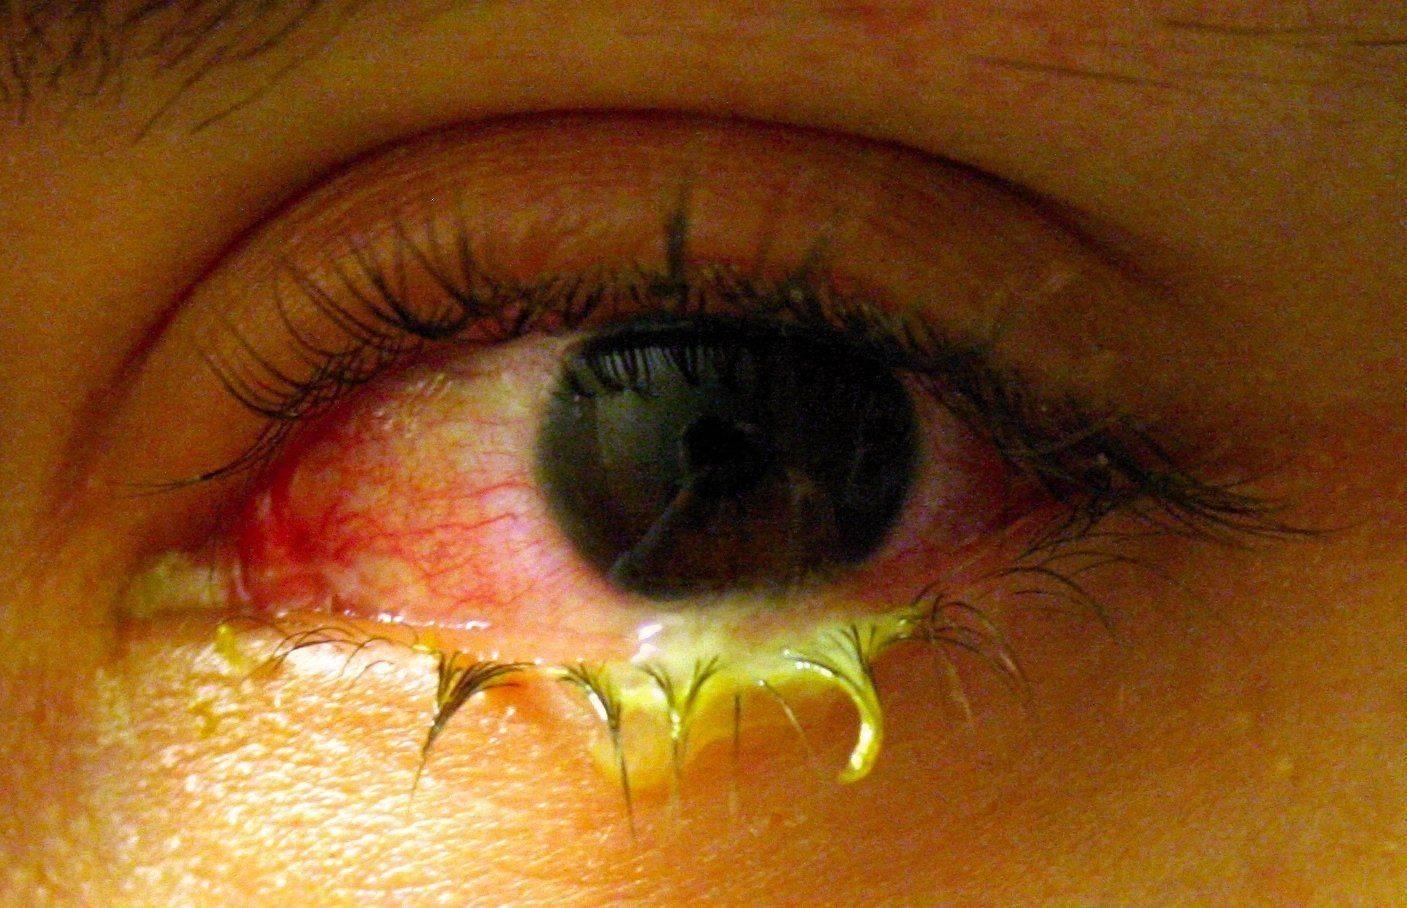 Гноятся глаза – чем лечить в домашних условиях. от чего могут гноиться глаза, и как их лечить в домашних условиях. из этой статьи вы узнаете, от чего гноятся глаза.